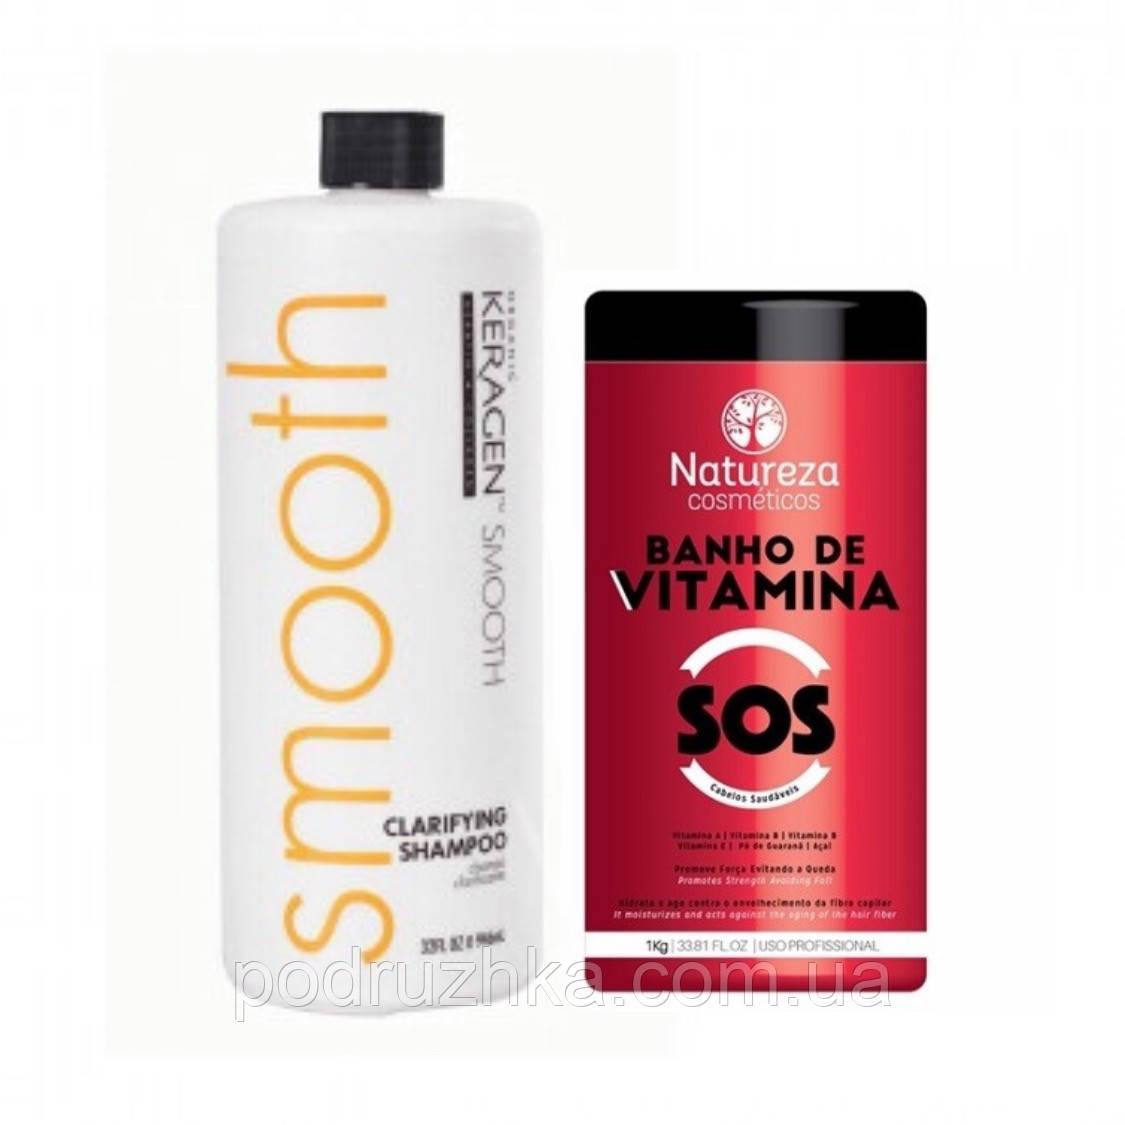 Набор ботекс-восстановление волос NATUREZA SOS Banho de VITAMINA, 250/500 г